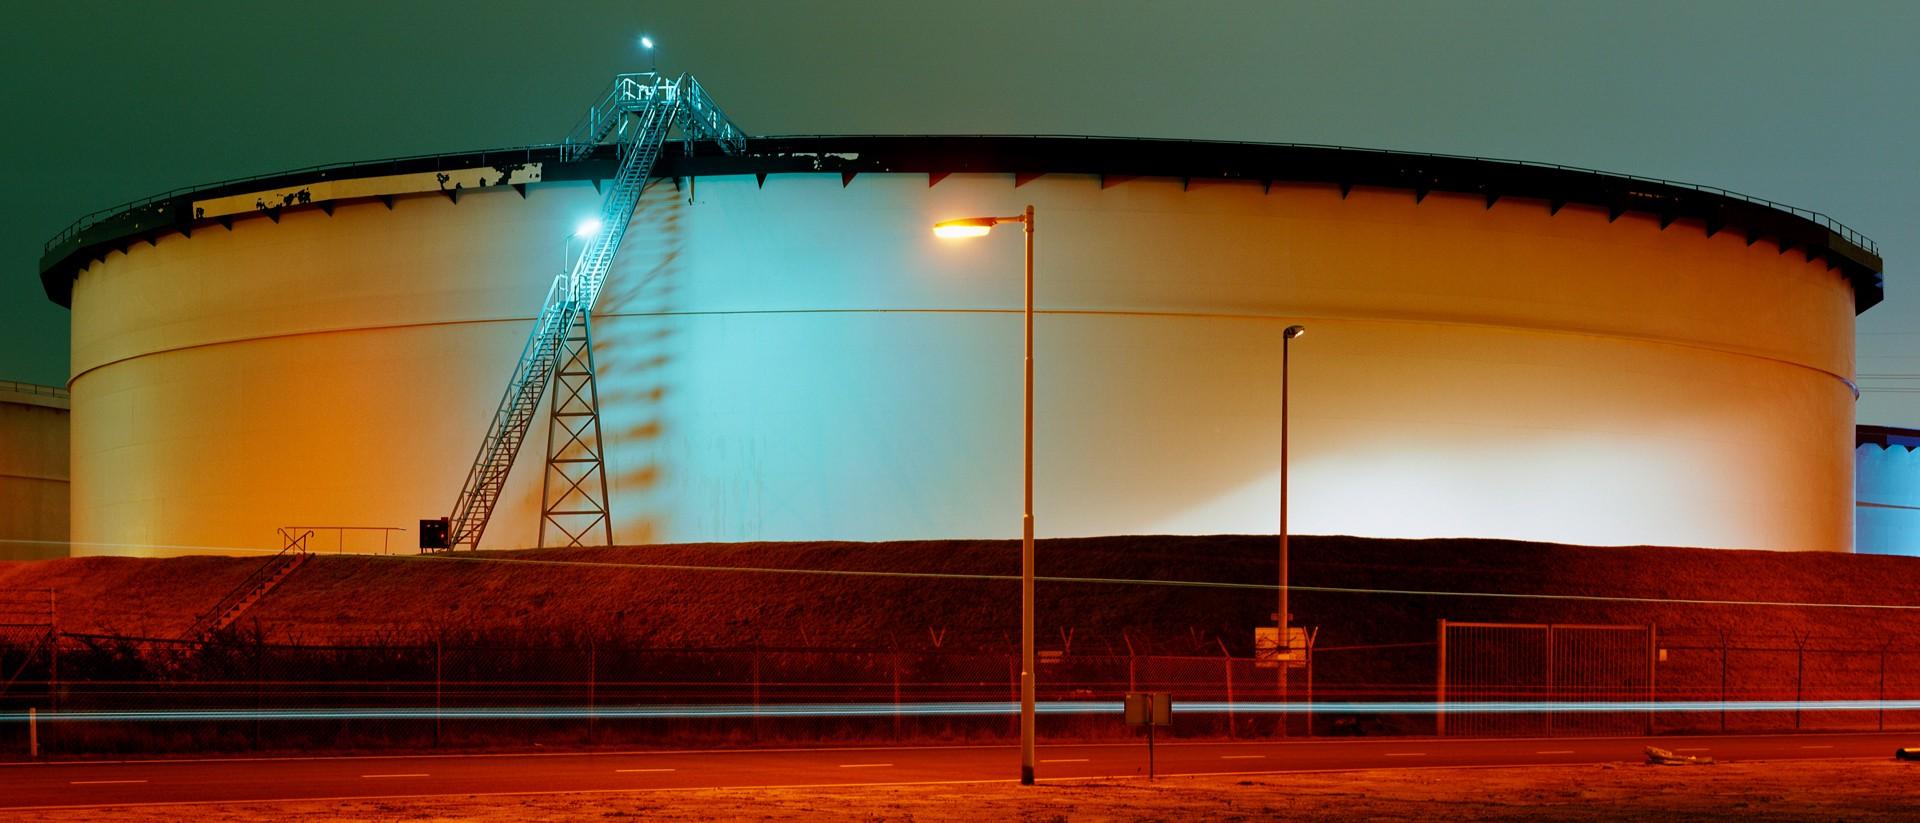 Olie-opslagtank op de Maasvlakte in Rotterdam. Foto: Mischa Keijser/Hollandse Hoogte